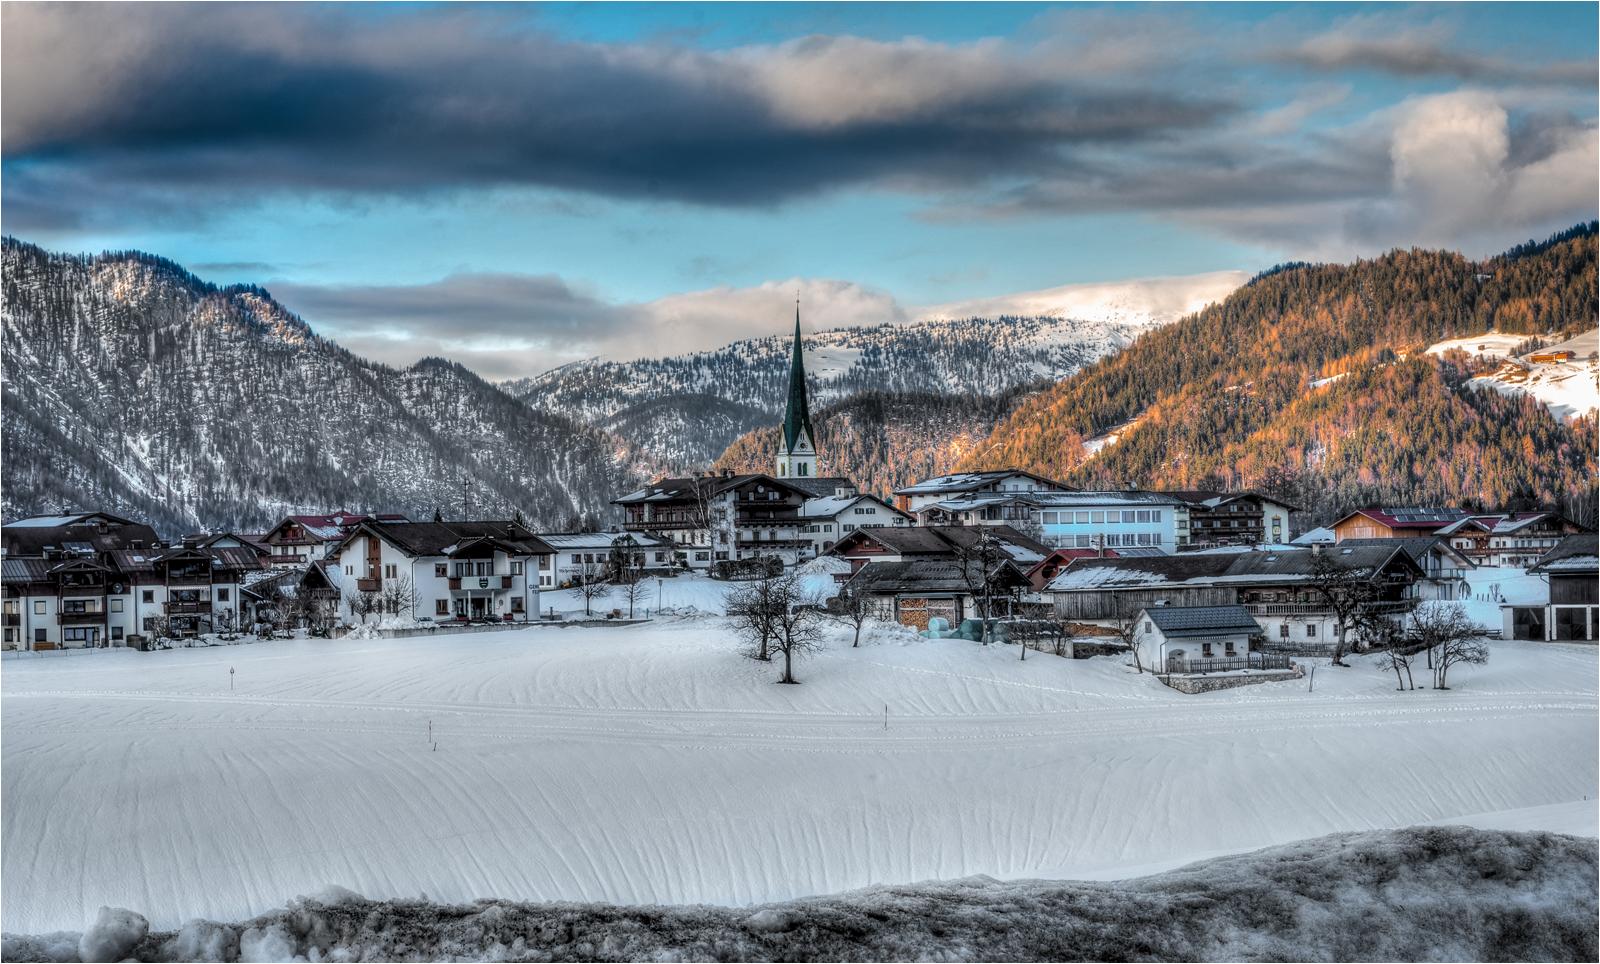 Brandenberg Winterscape